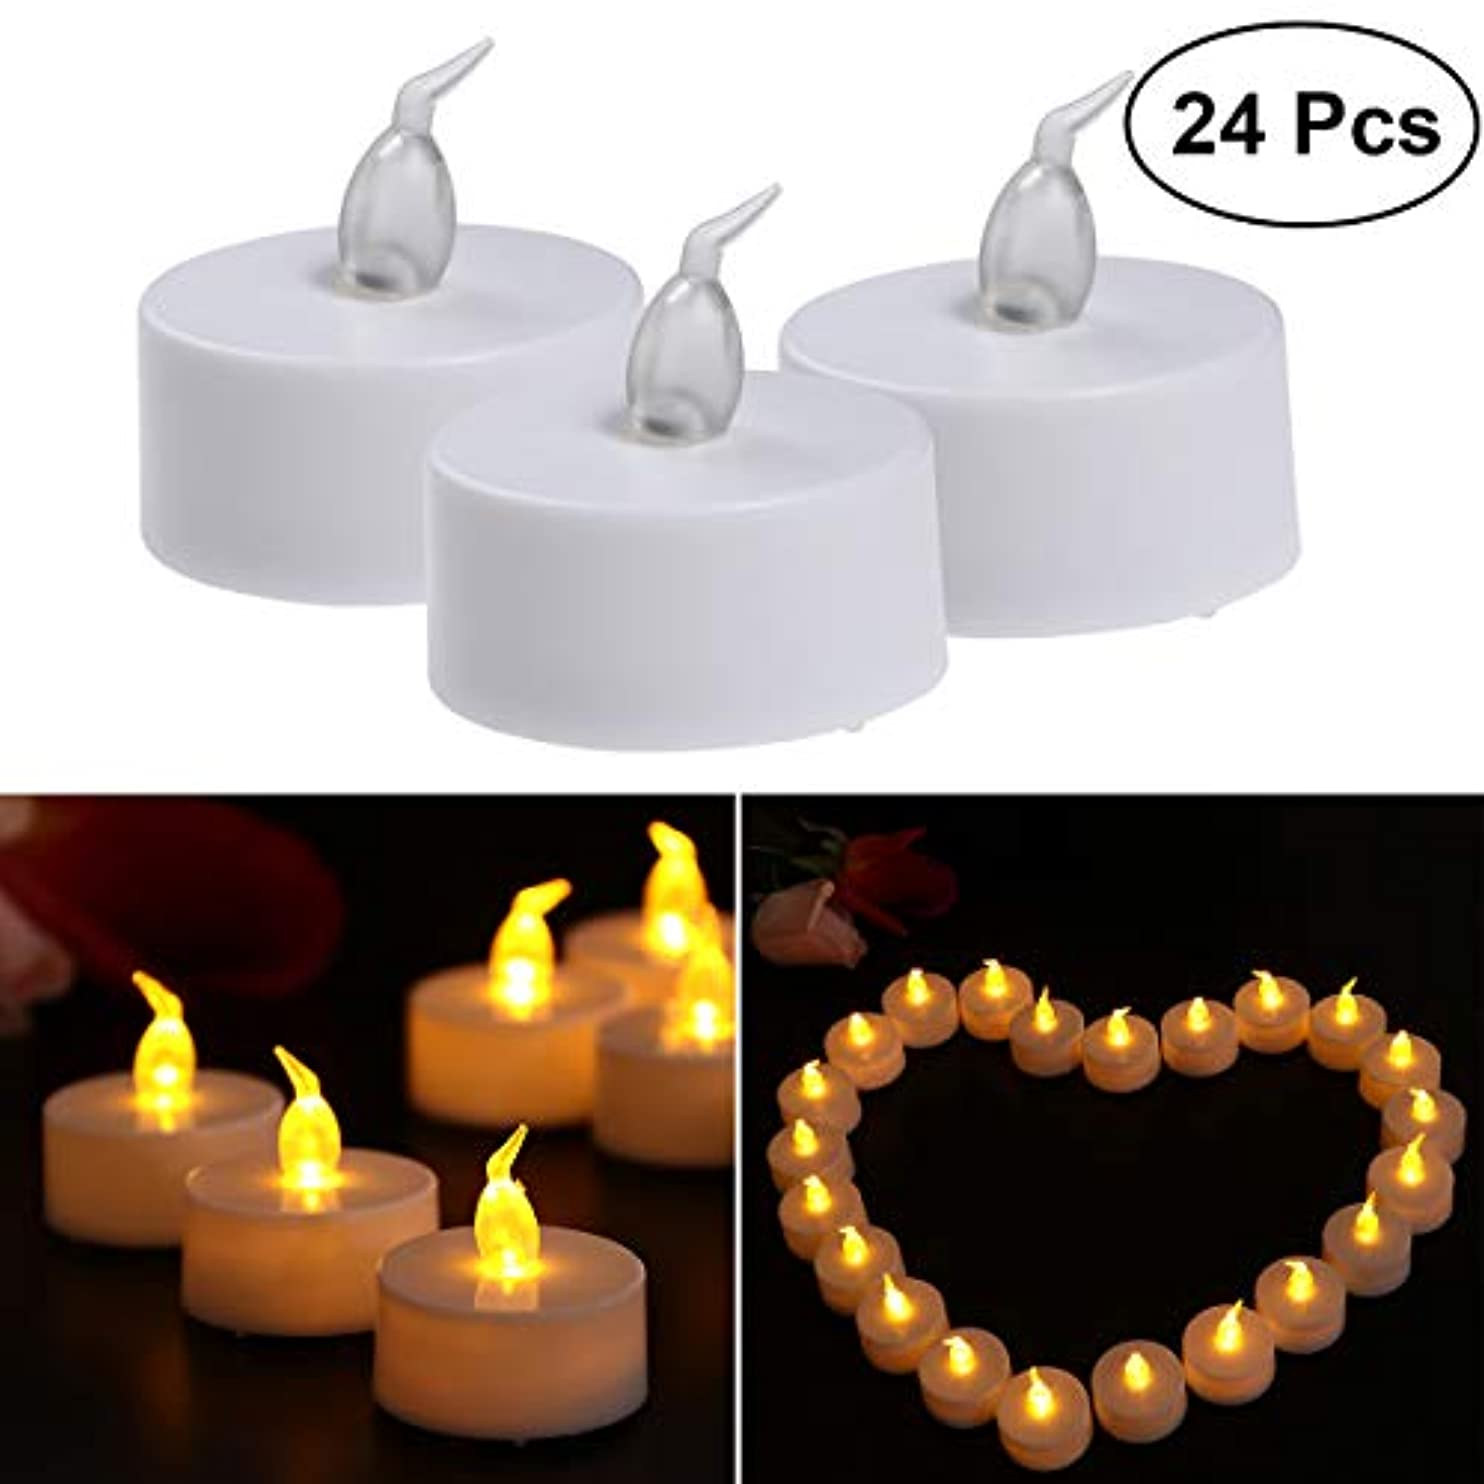 調べるアドバンテージソーシャルVosarea キャンドル ライト LED キャンドルを点灯 電池で動作 プラスチック 誕生日 祭り 祝賀 3.8×4.2cm 24ピース(黄色のフラッシュライト)